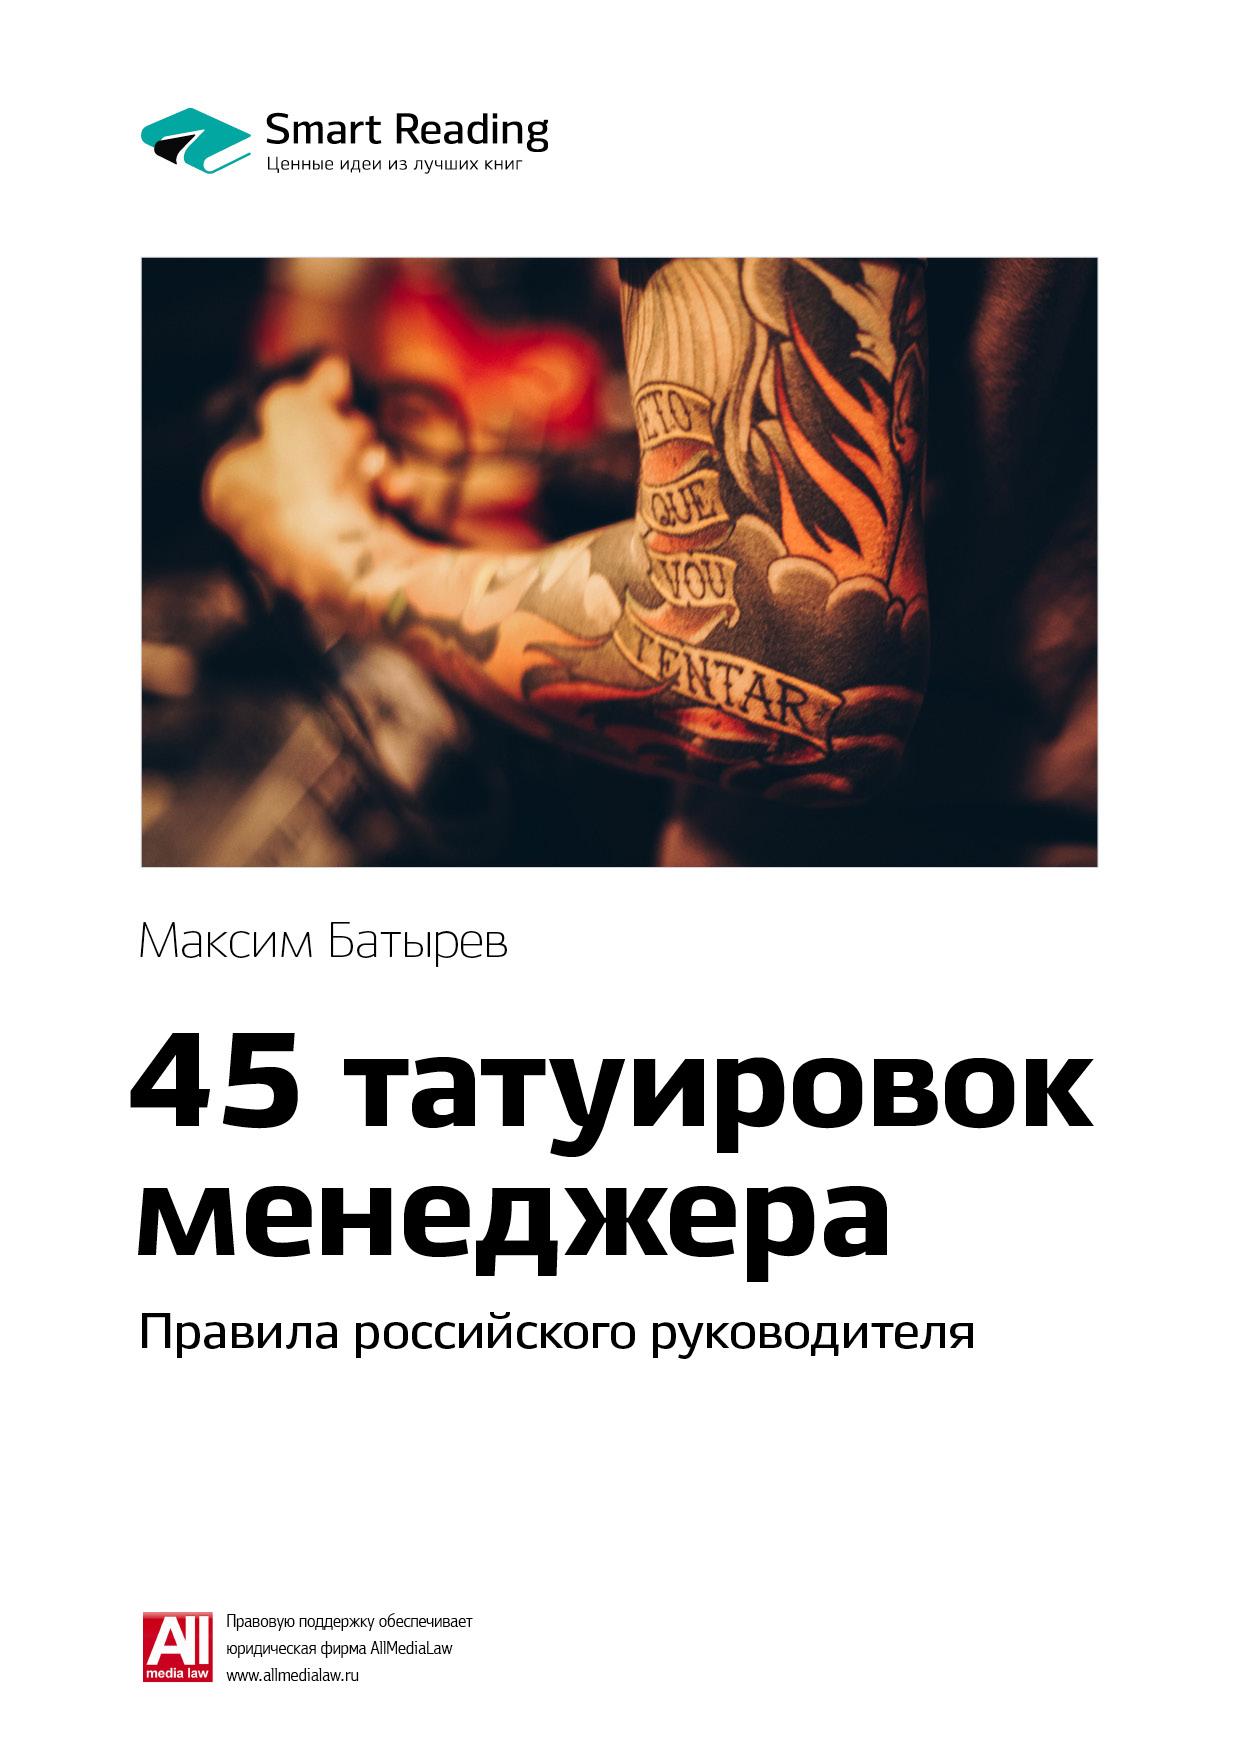 Ключевые идеи книги: 45 татуировок менеджера. Правила российского руководителя. Максим Батырев